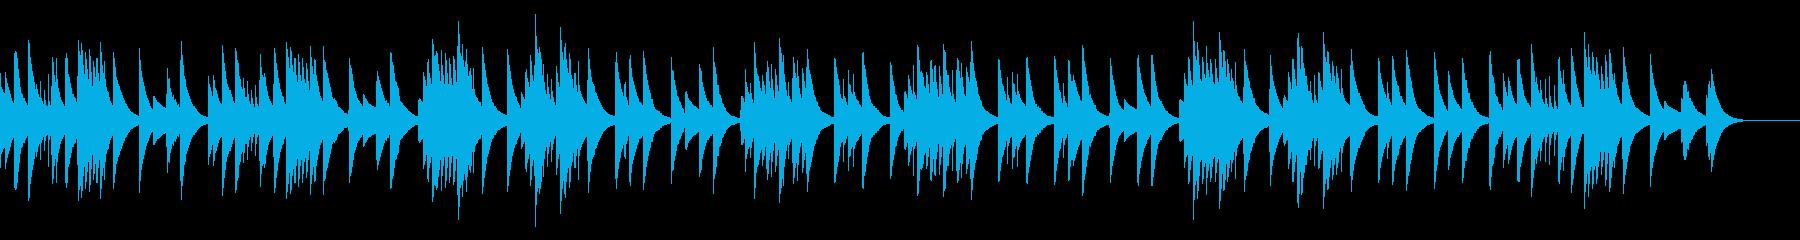 グノシエンヌ No.2_オルゴールverの再生済みの波形